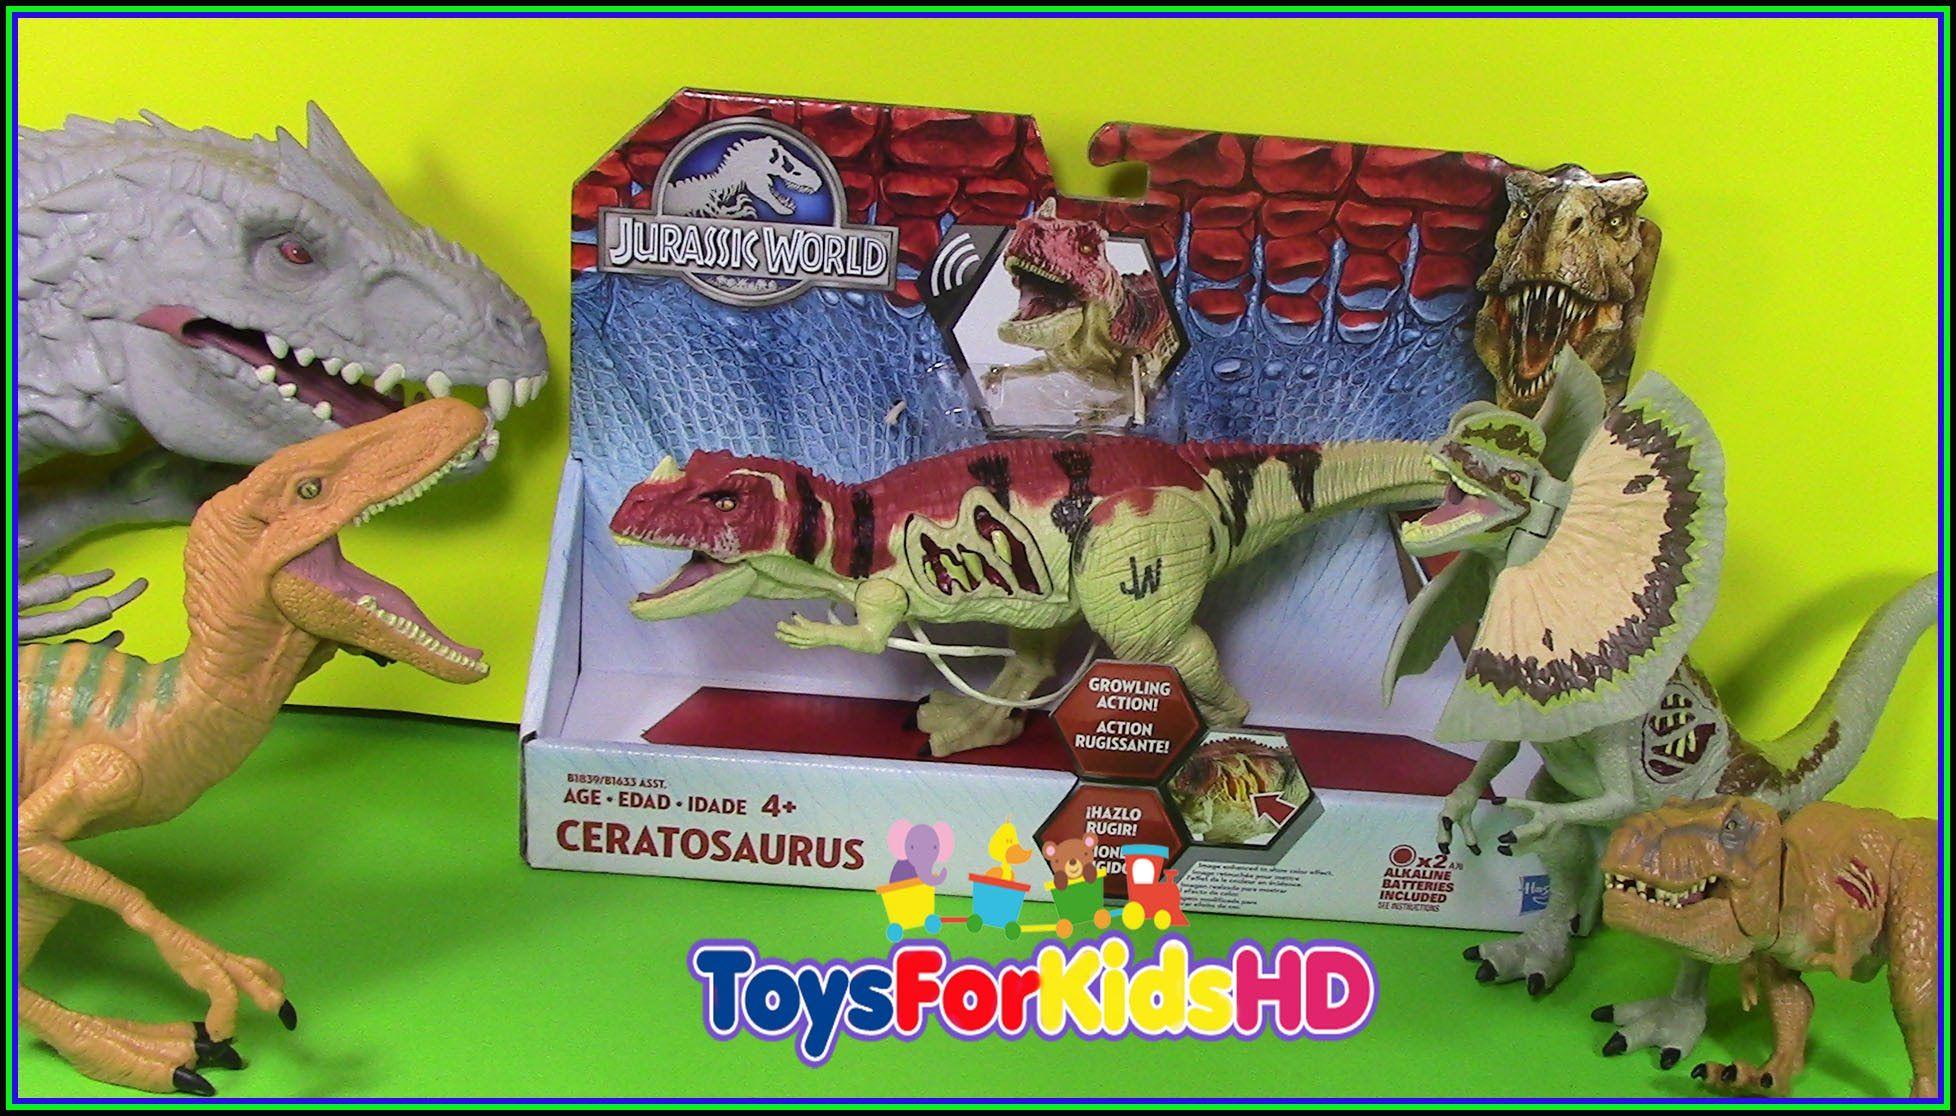 Los Mejores Juguetes De Dinosaurios Para Ninos Juguetes De Jurassic World Ceratosaurus Dinosaurios Para Ninos Dinosaurios Juguetes Juguetes De Jurassic World 17% off dinosaurios fósiles kit de excavación arqueología excavar historia esqueleto diversión juguetes para niños de. los mejores juguetes de dinosaurios